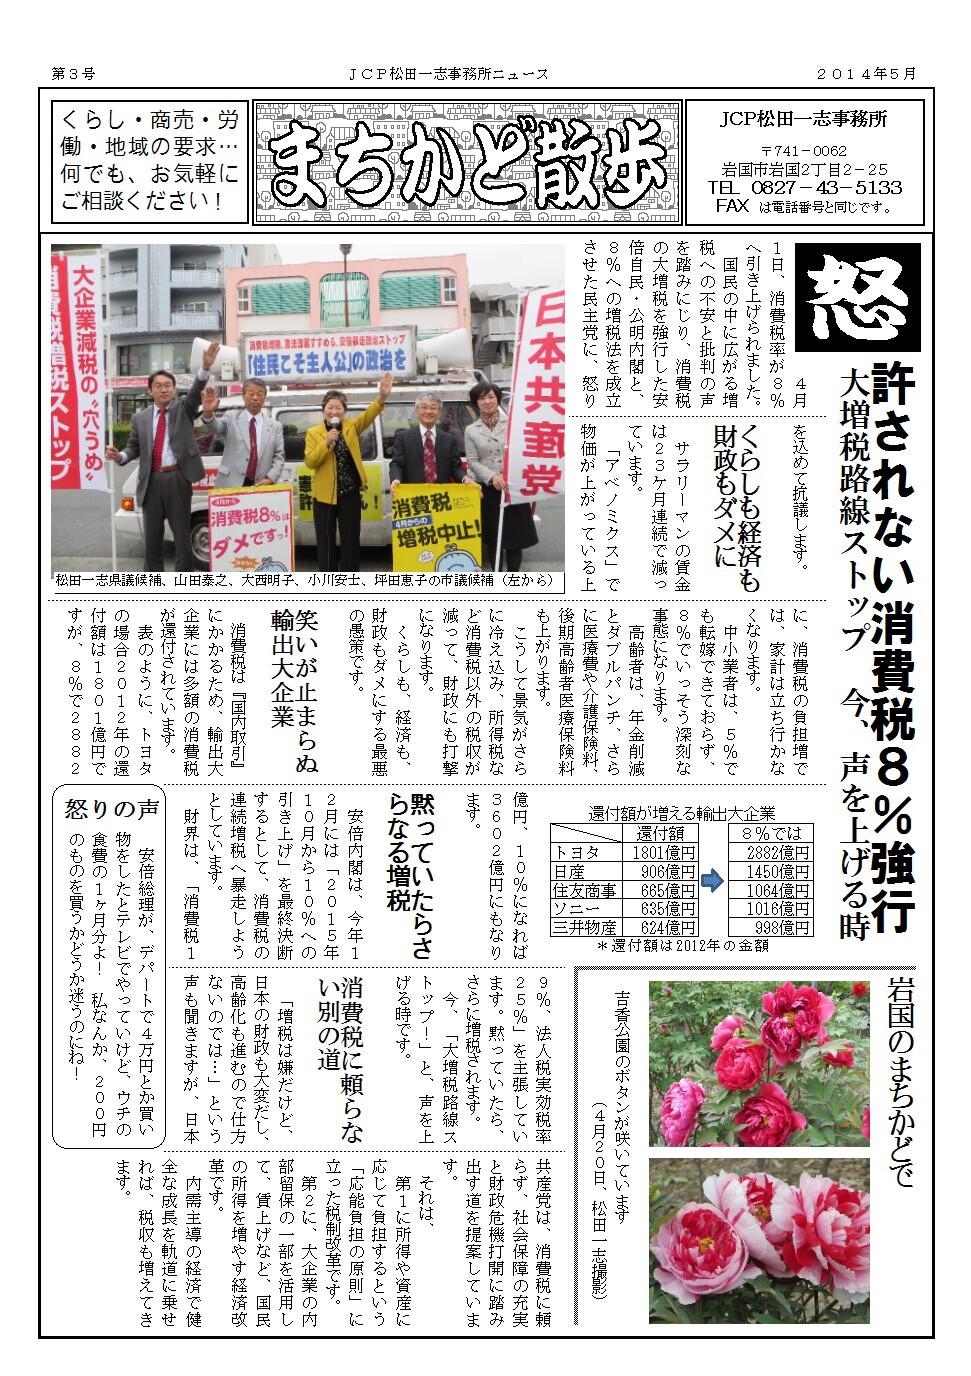 2014年5月まちかど散歩1.jpg